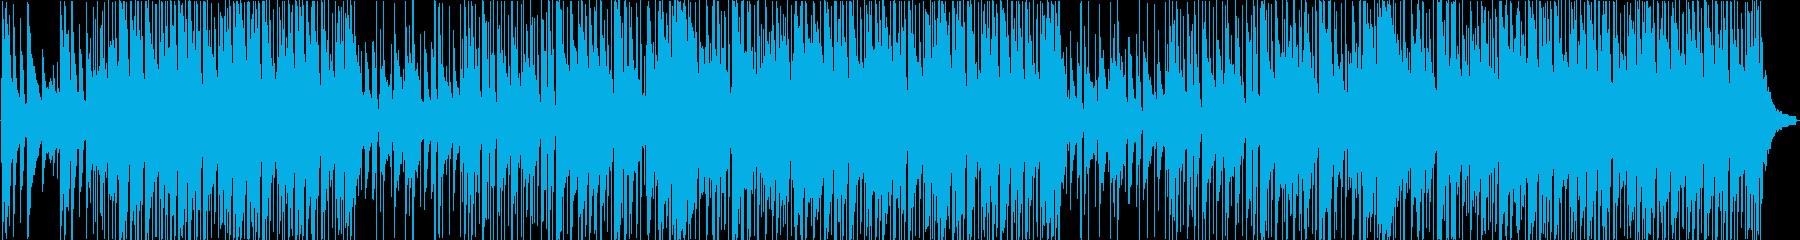 明るい海をイメージしたアコギポップスの再生済みの波形